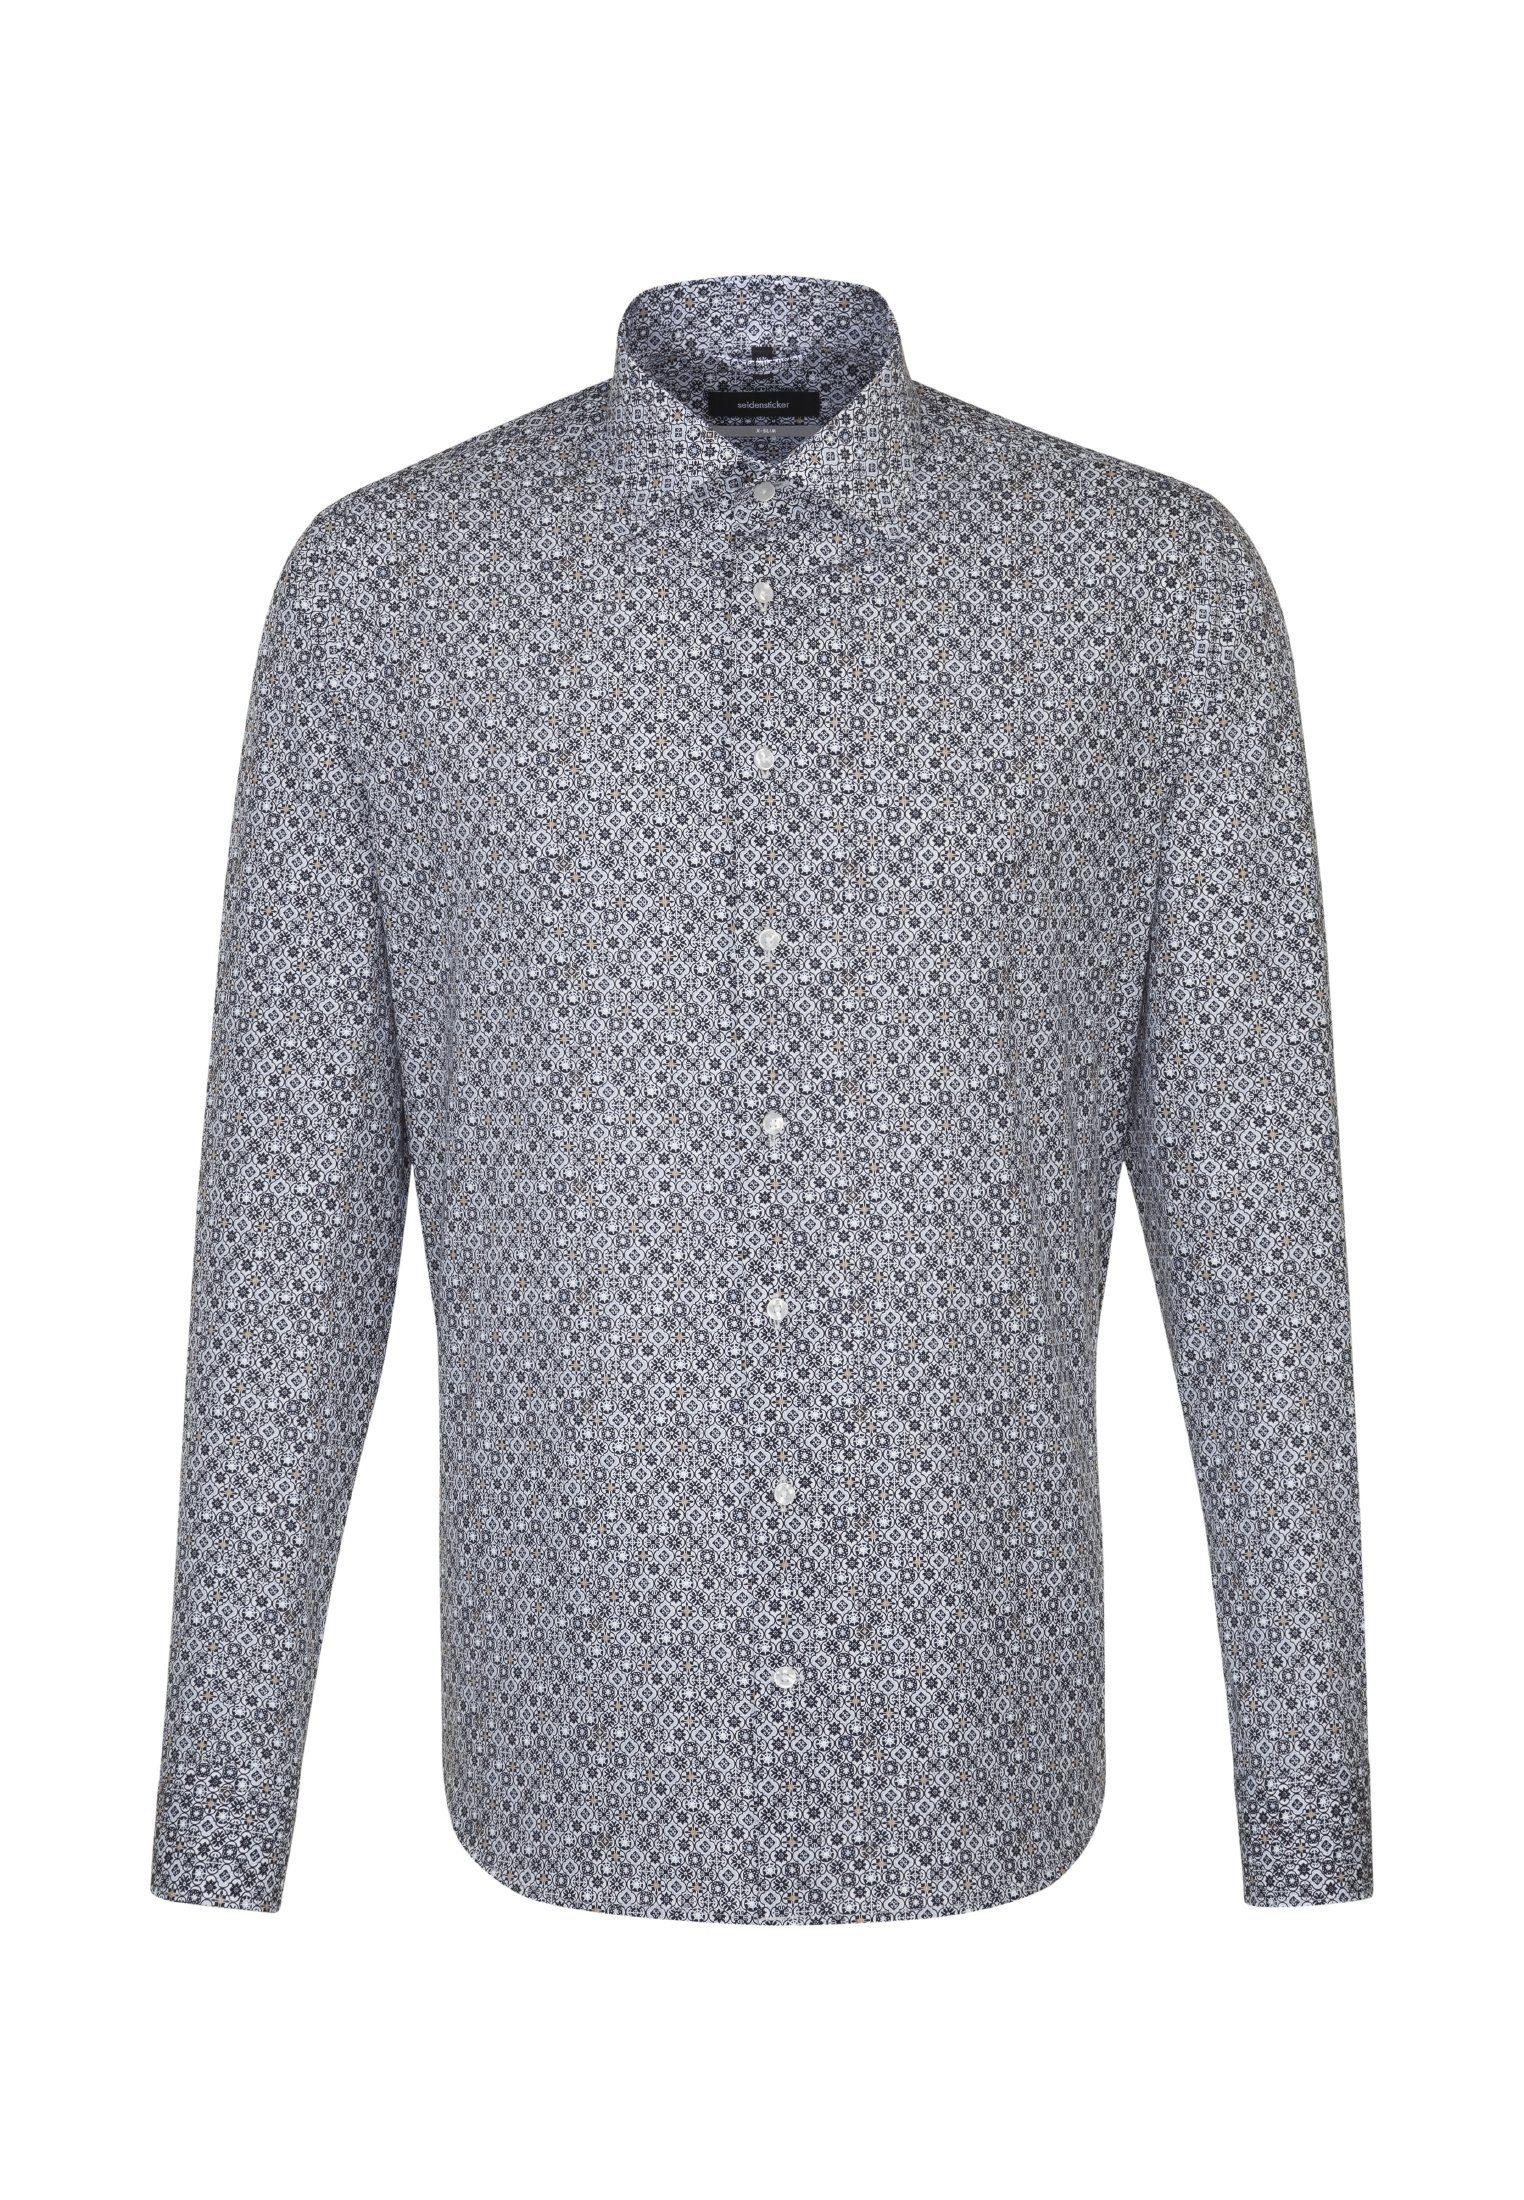 seidensticker Businesshemd X-Slim | Bekleidung > Hemden > Business Hemden | Blau | Baumwolle - Popeline | Seidensticker